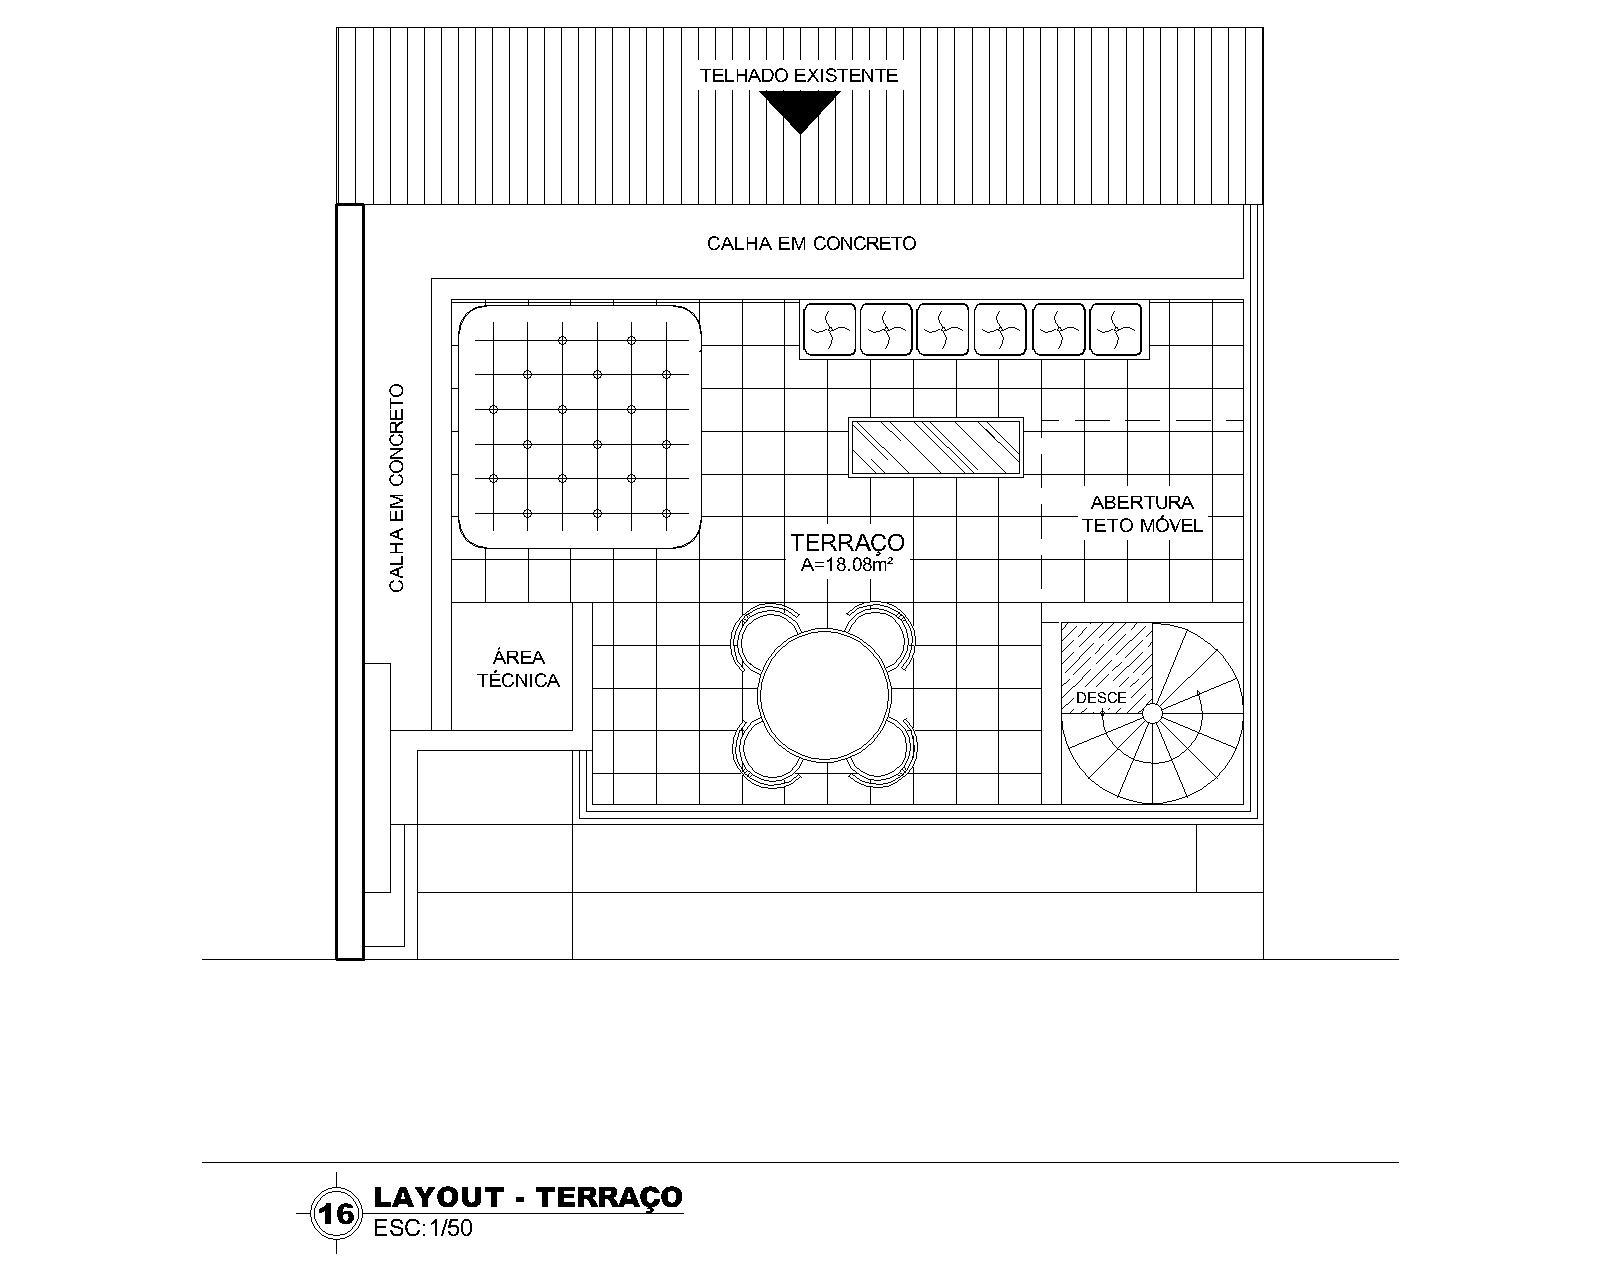 Layout Terraço